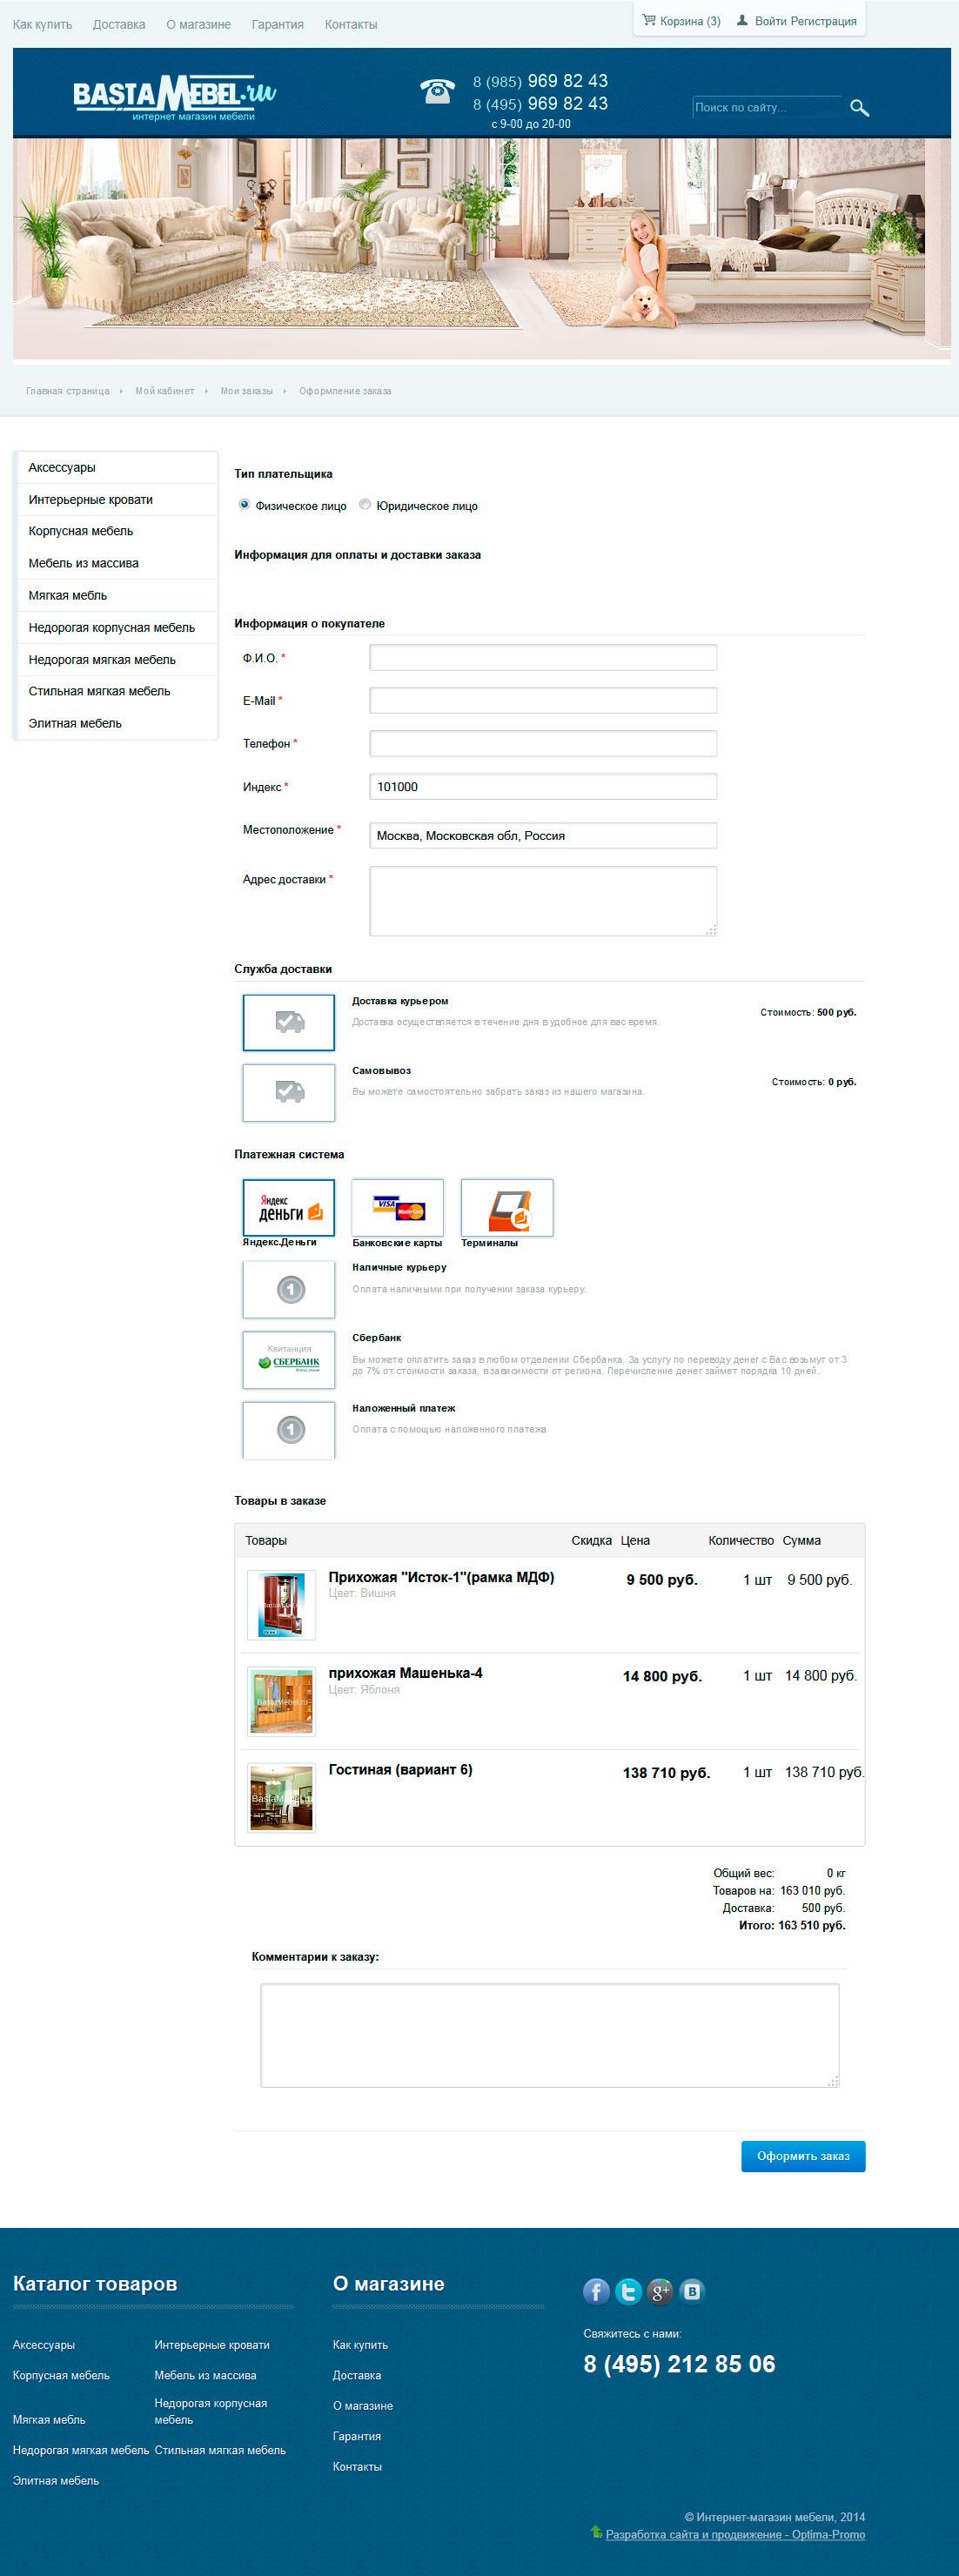 Разработка и продвижение мебельного Интернет-магазина